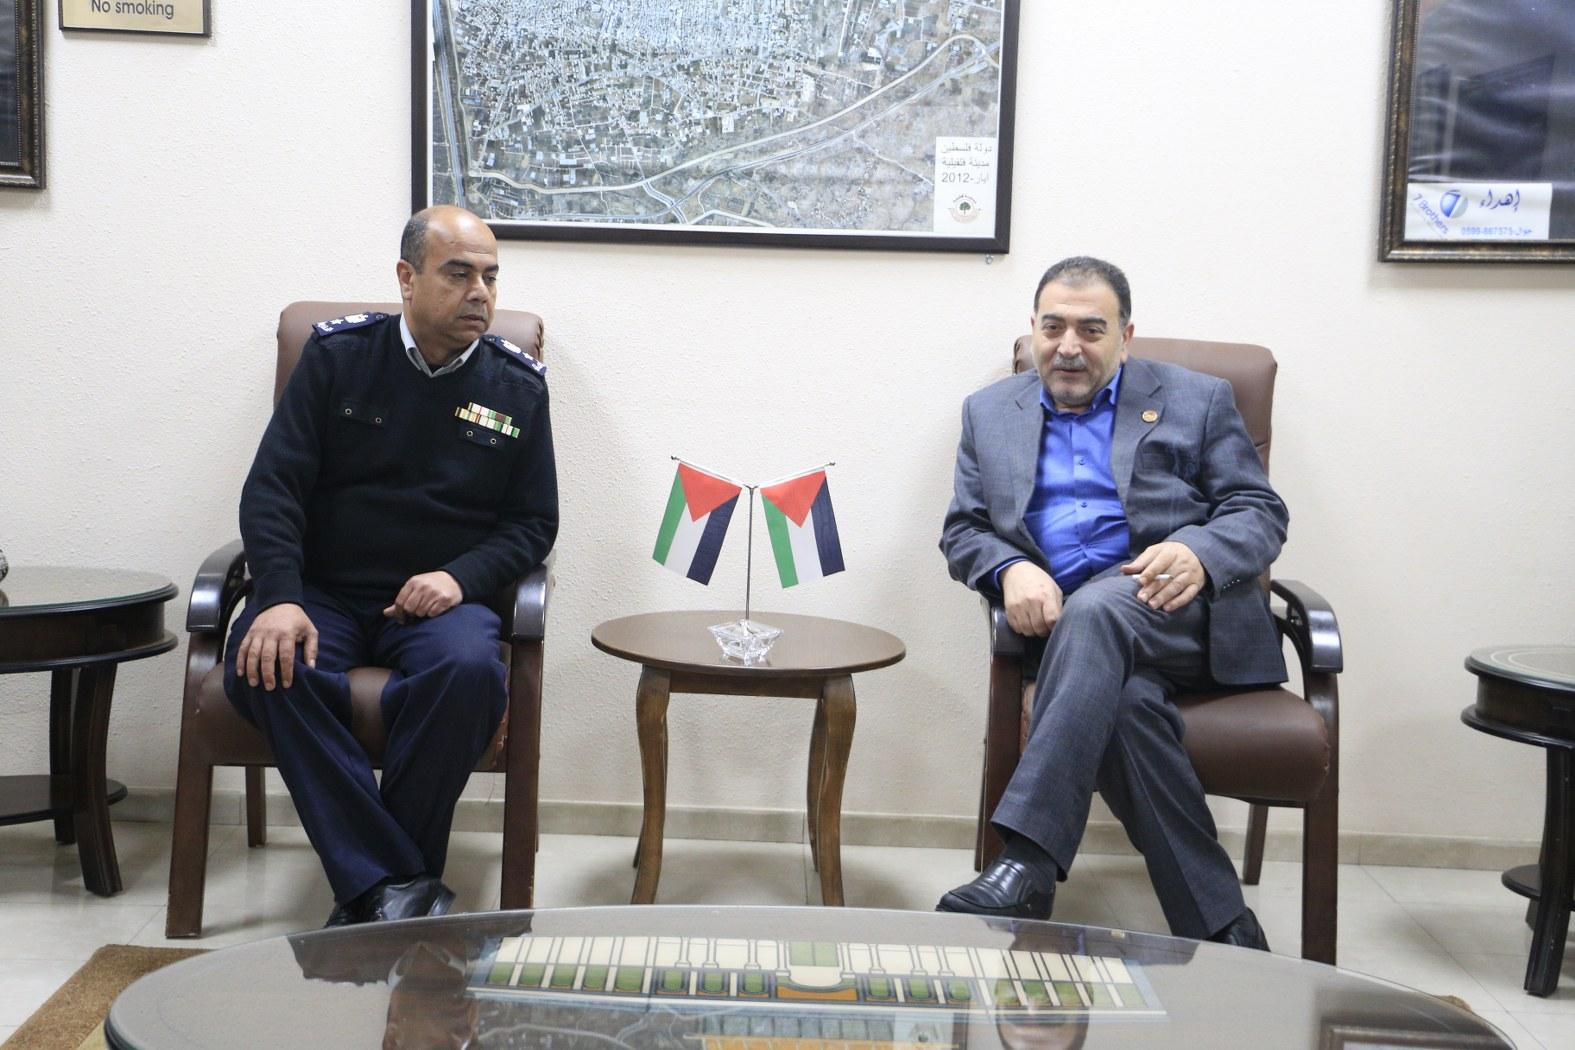 رئيس بلدية قلقيلية يناقش مع مدير الدفاع المدني افاق التعاون المشترك